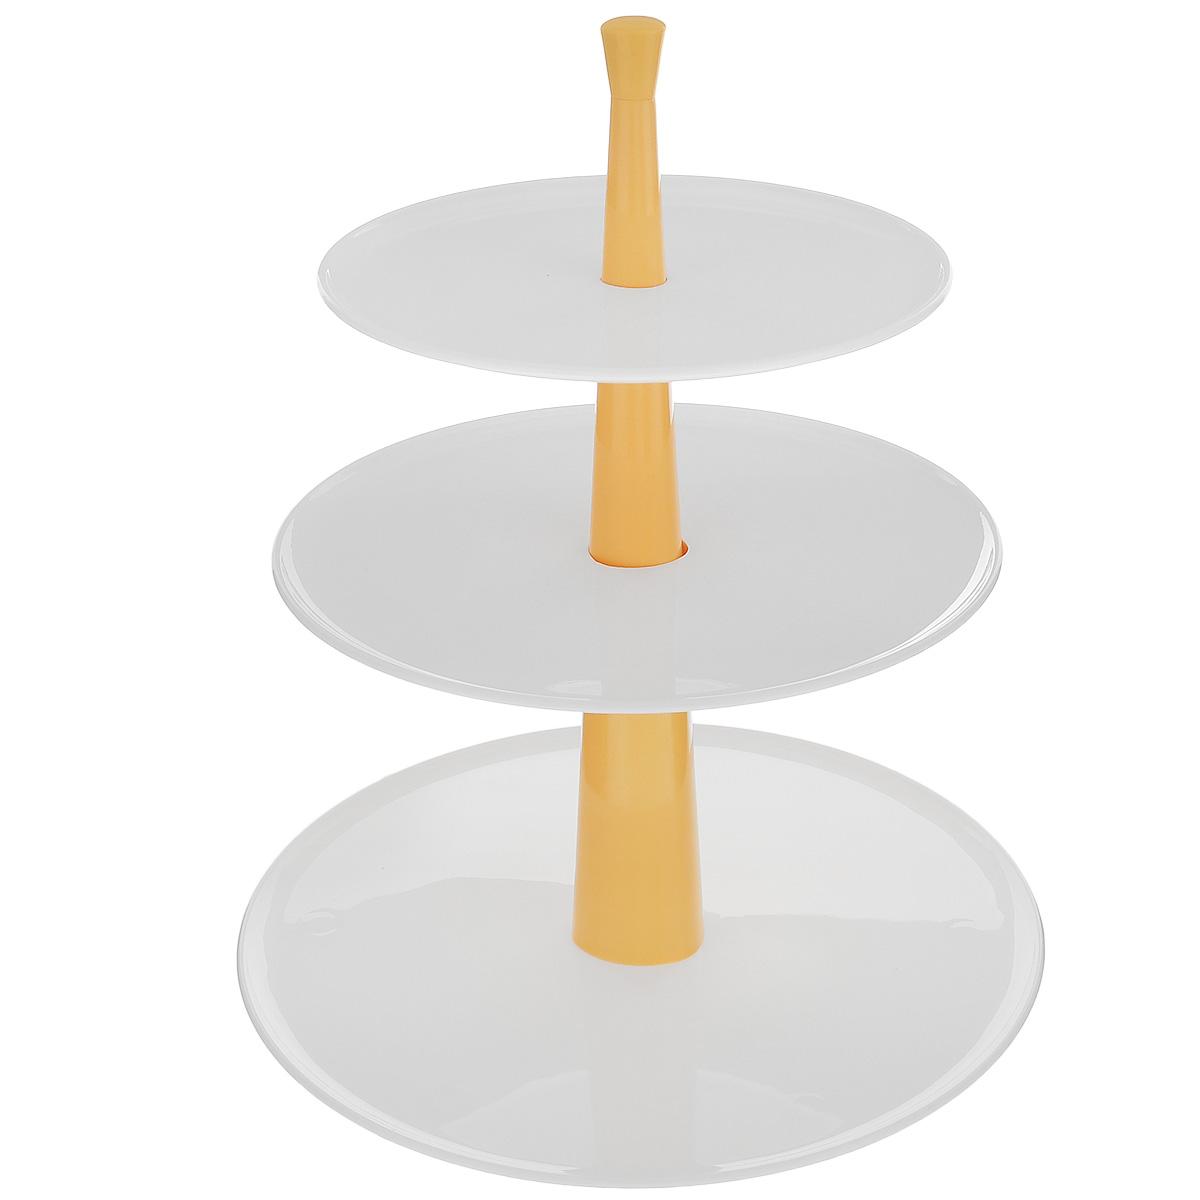 Этажерка для закусок и десертов Tescoma Delicia, трехъярусная, цвет: белый, желтый, высота 30 см630728Трехъярусная этажерка Tescoma Delicia идеально подходит для стильной сервировки сладостей, десертов, закусок и т.д. Этажерку легко собрать и разобрать, она удобна для хранения. Состоит из превосходных устойчивых пластиковых плоских блюд, которые можно мыть в посудомоечной машине. Стержень мыть в посудомоечной машине нельзя. Высота этажерки: 30 см. Диаметр блюд: 17,5 см, 21 см, 26 см.